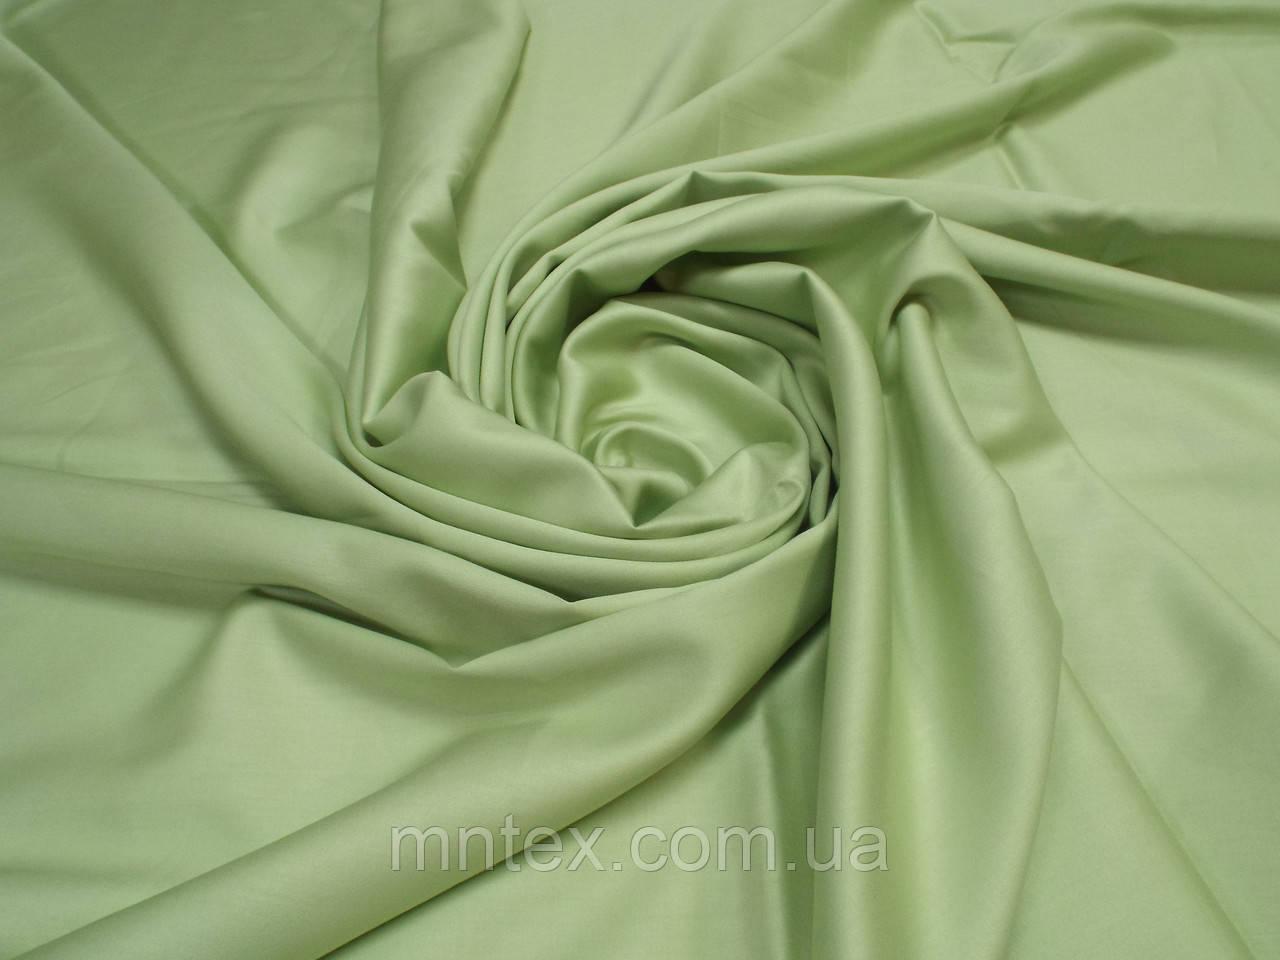 Ткань для пошива постельного белья сатин гладкокрашеный Золотисто-Зеленый